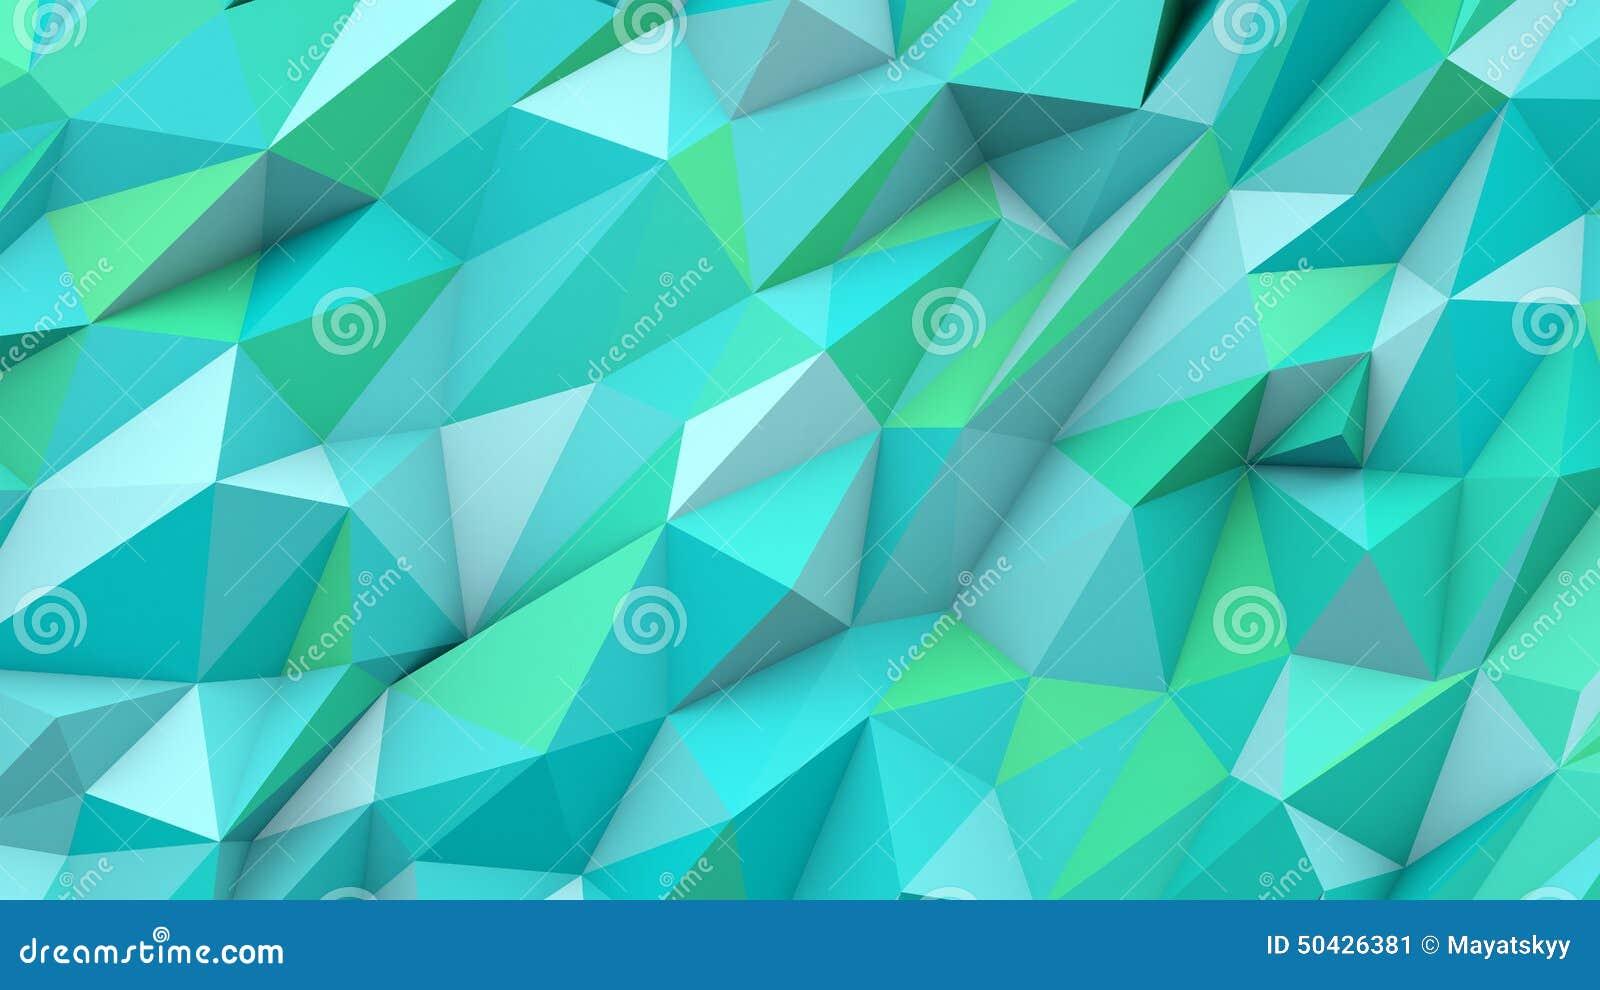 Geometric Shape Art